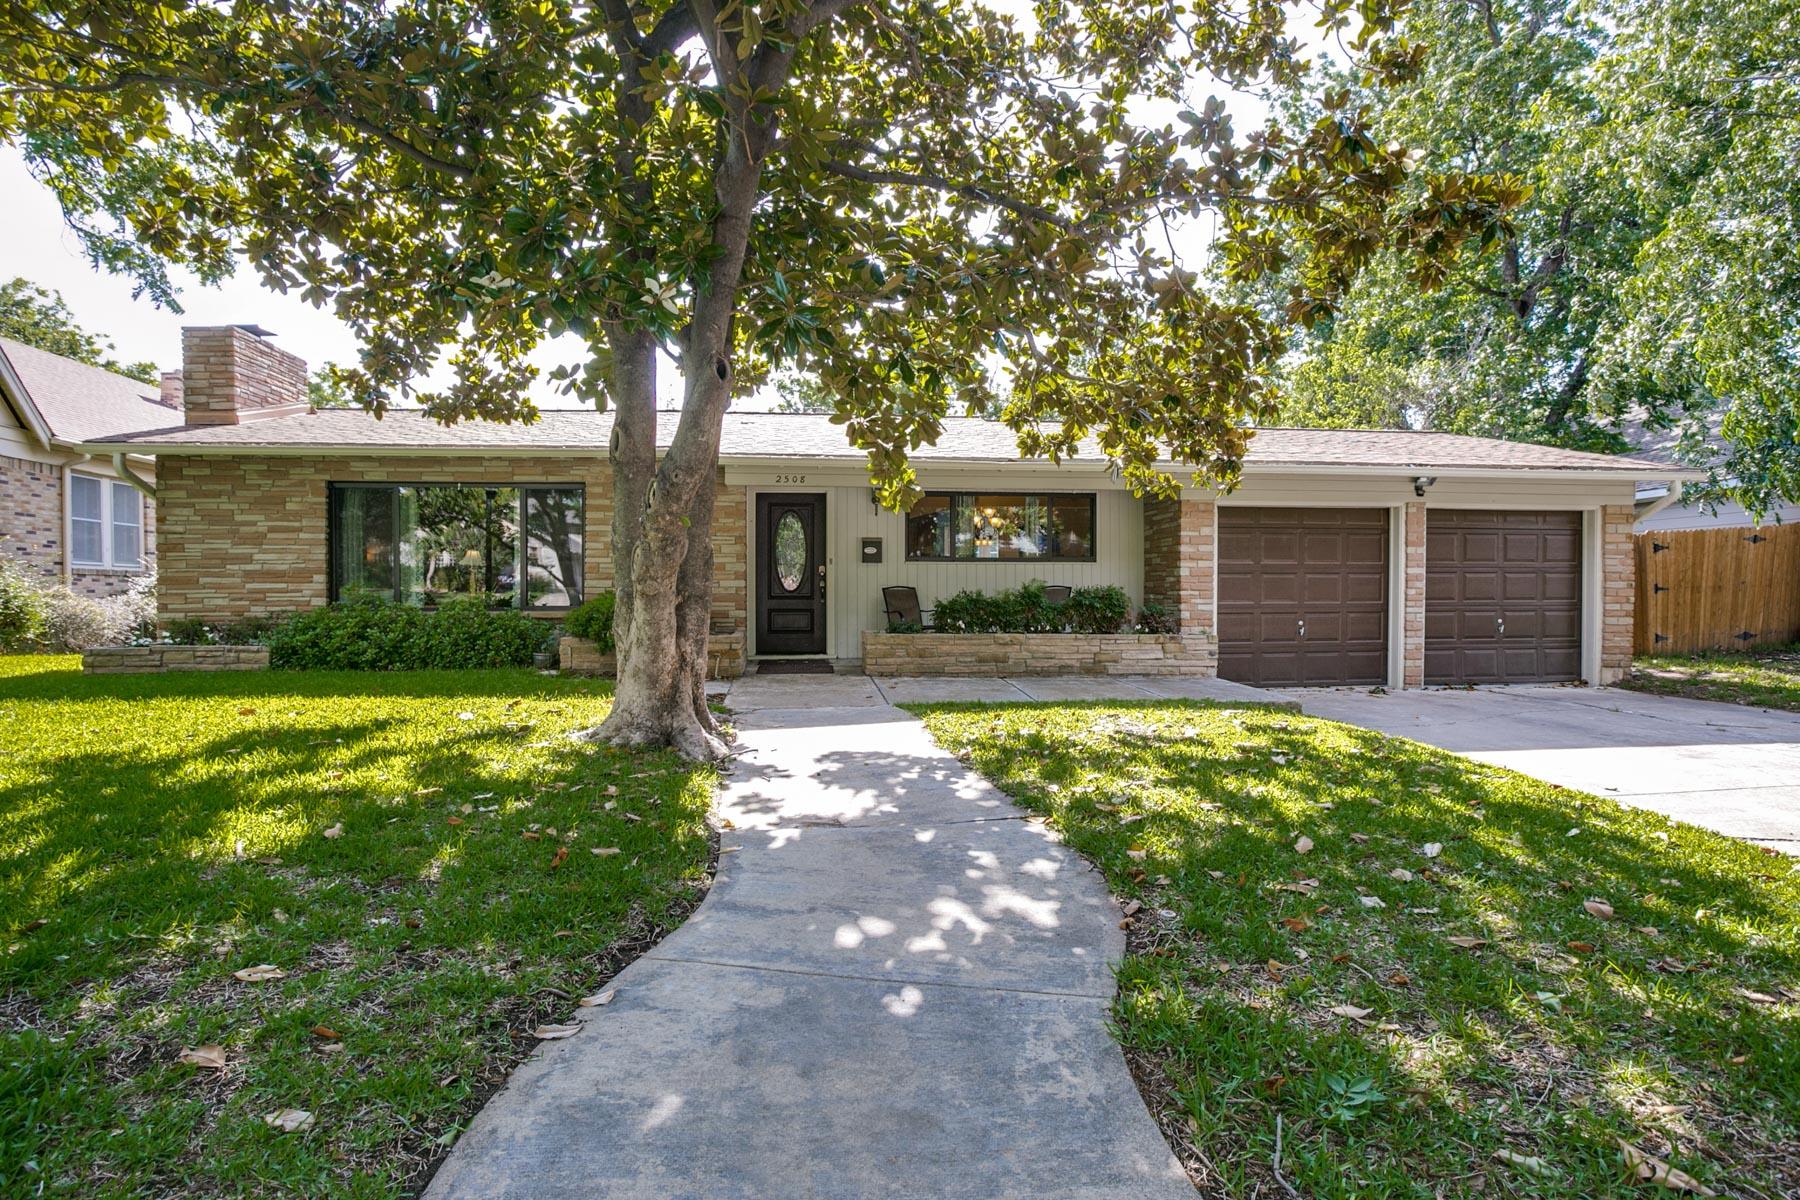 Maison unifamiliale pour l Vente à 2508 Willing Ave, Fort Worth Fort Worth, Texas, 76110 États-Unis